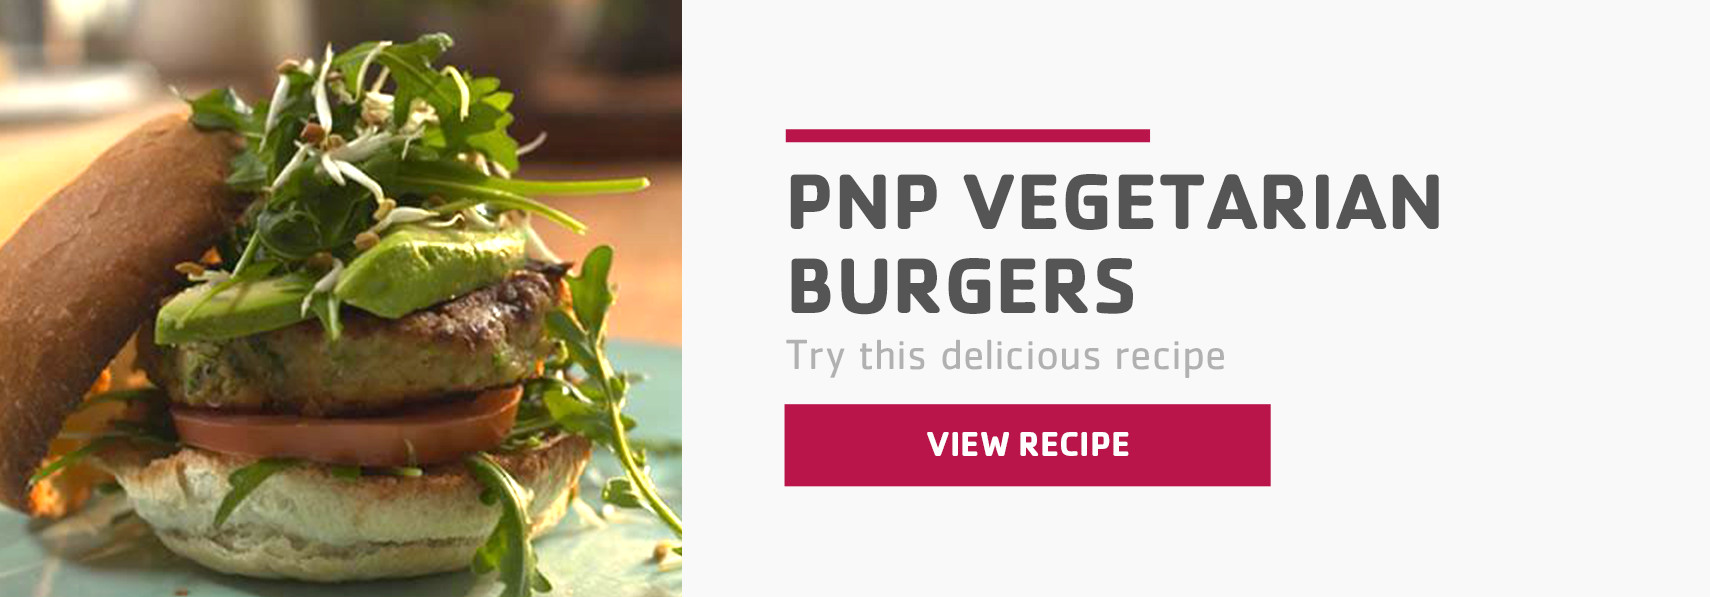 PnP Vegetarian Burgers listing page banner.jpg